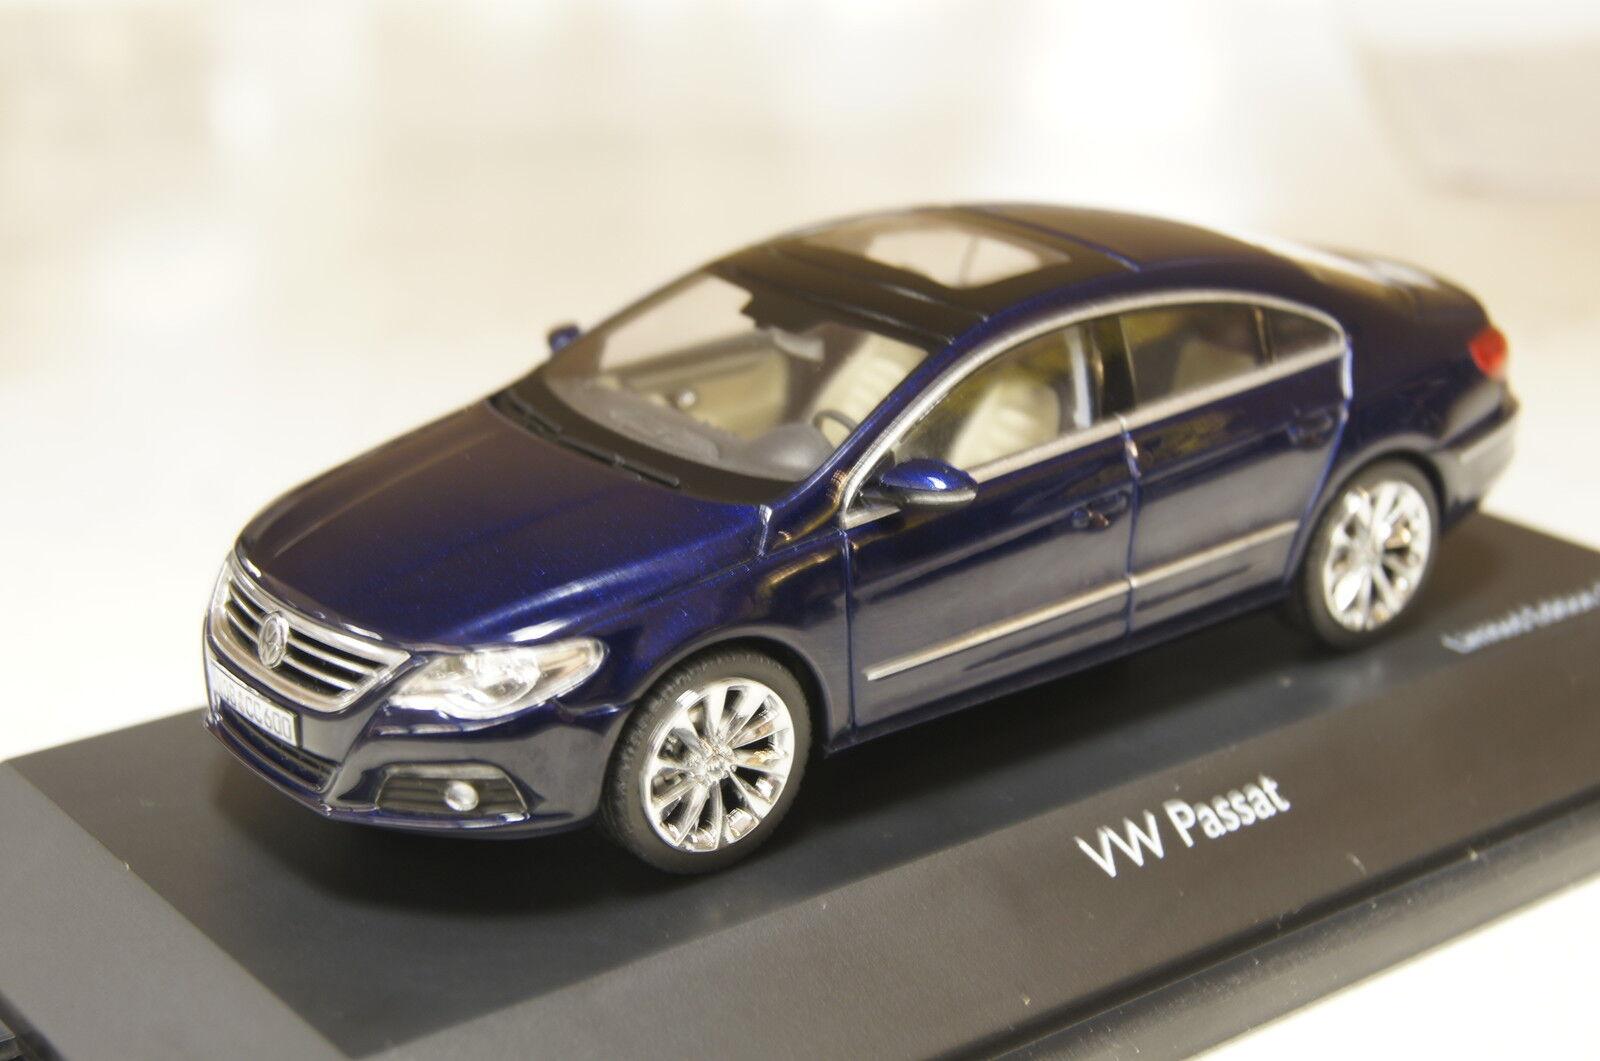 VW Passat Coupe blau metallic 1 43 Schuco Schuco Schuco neu & OVP 7252  | Guter Markt  fc0f82